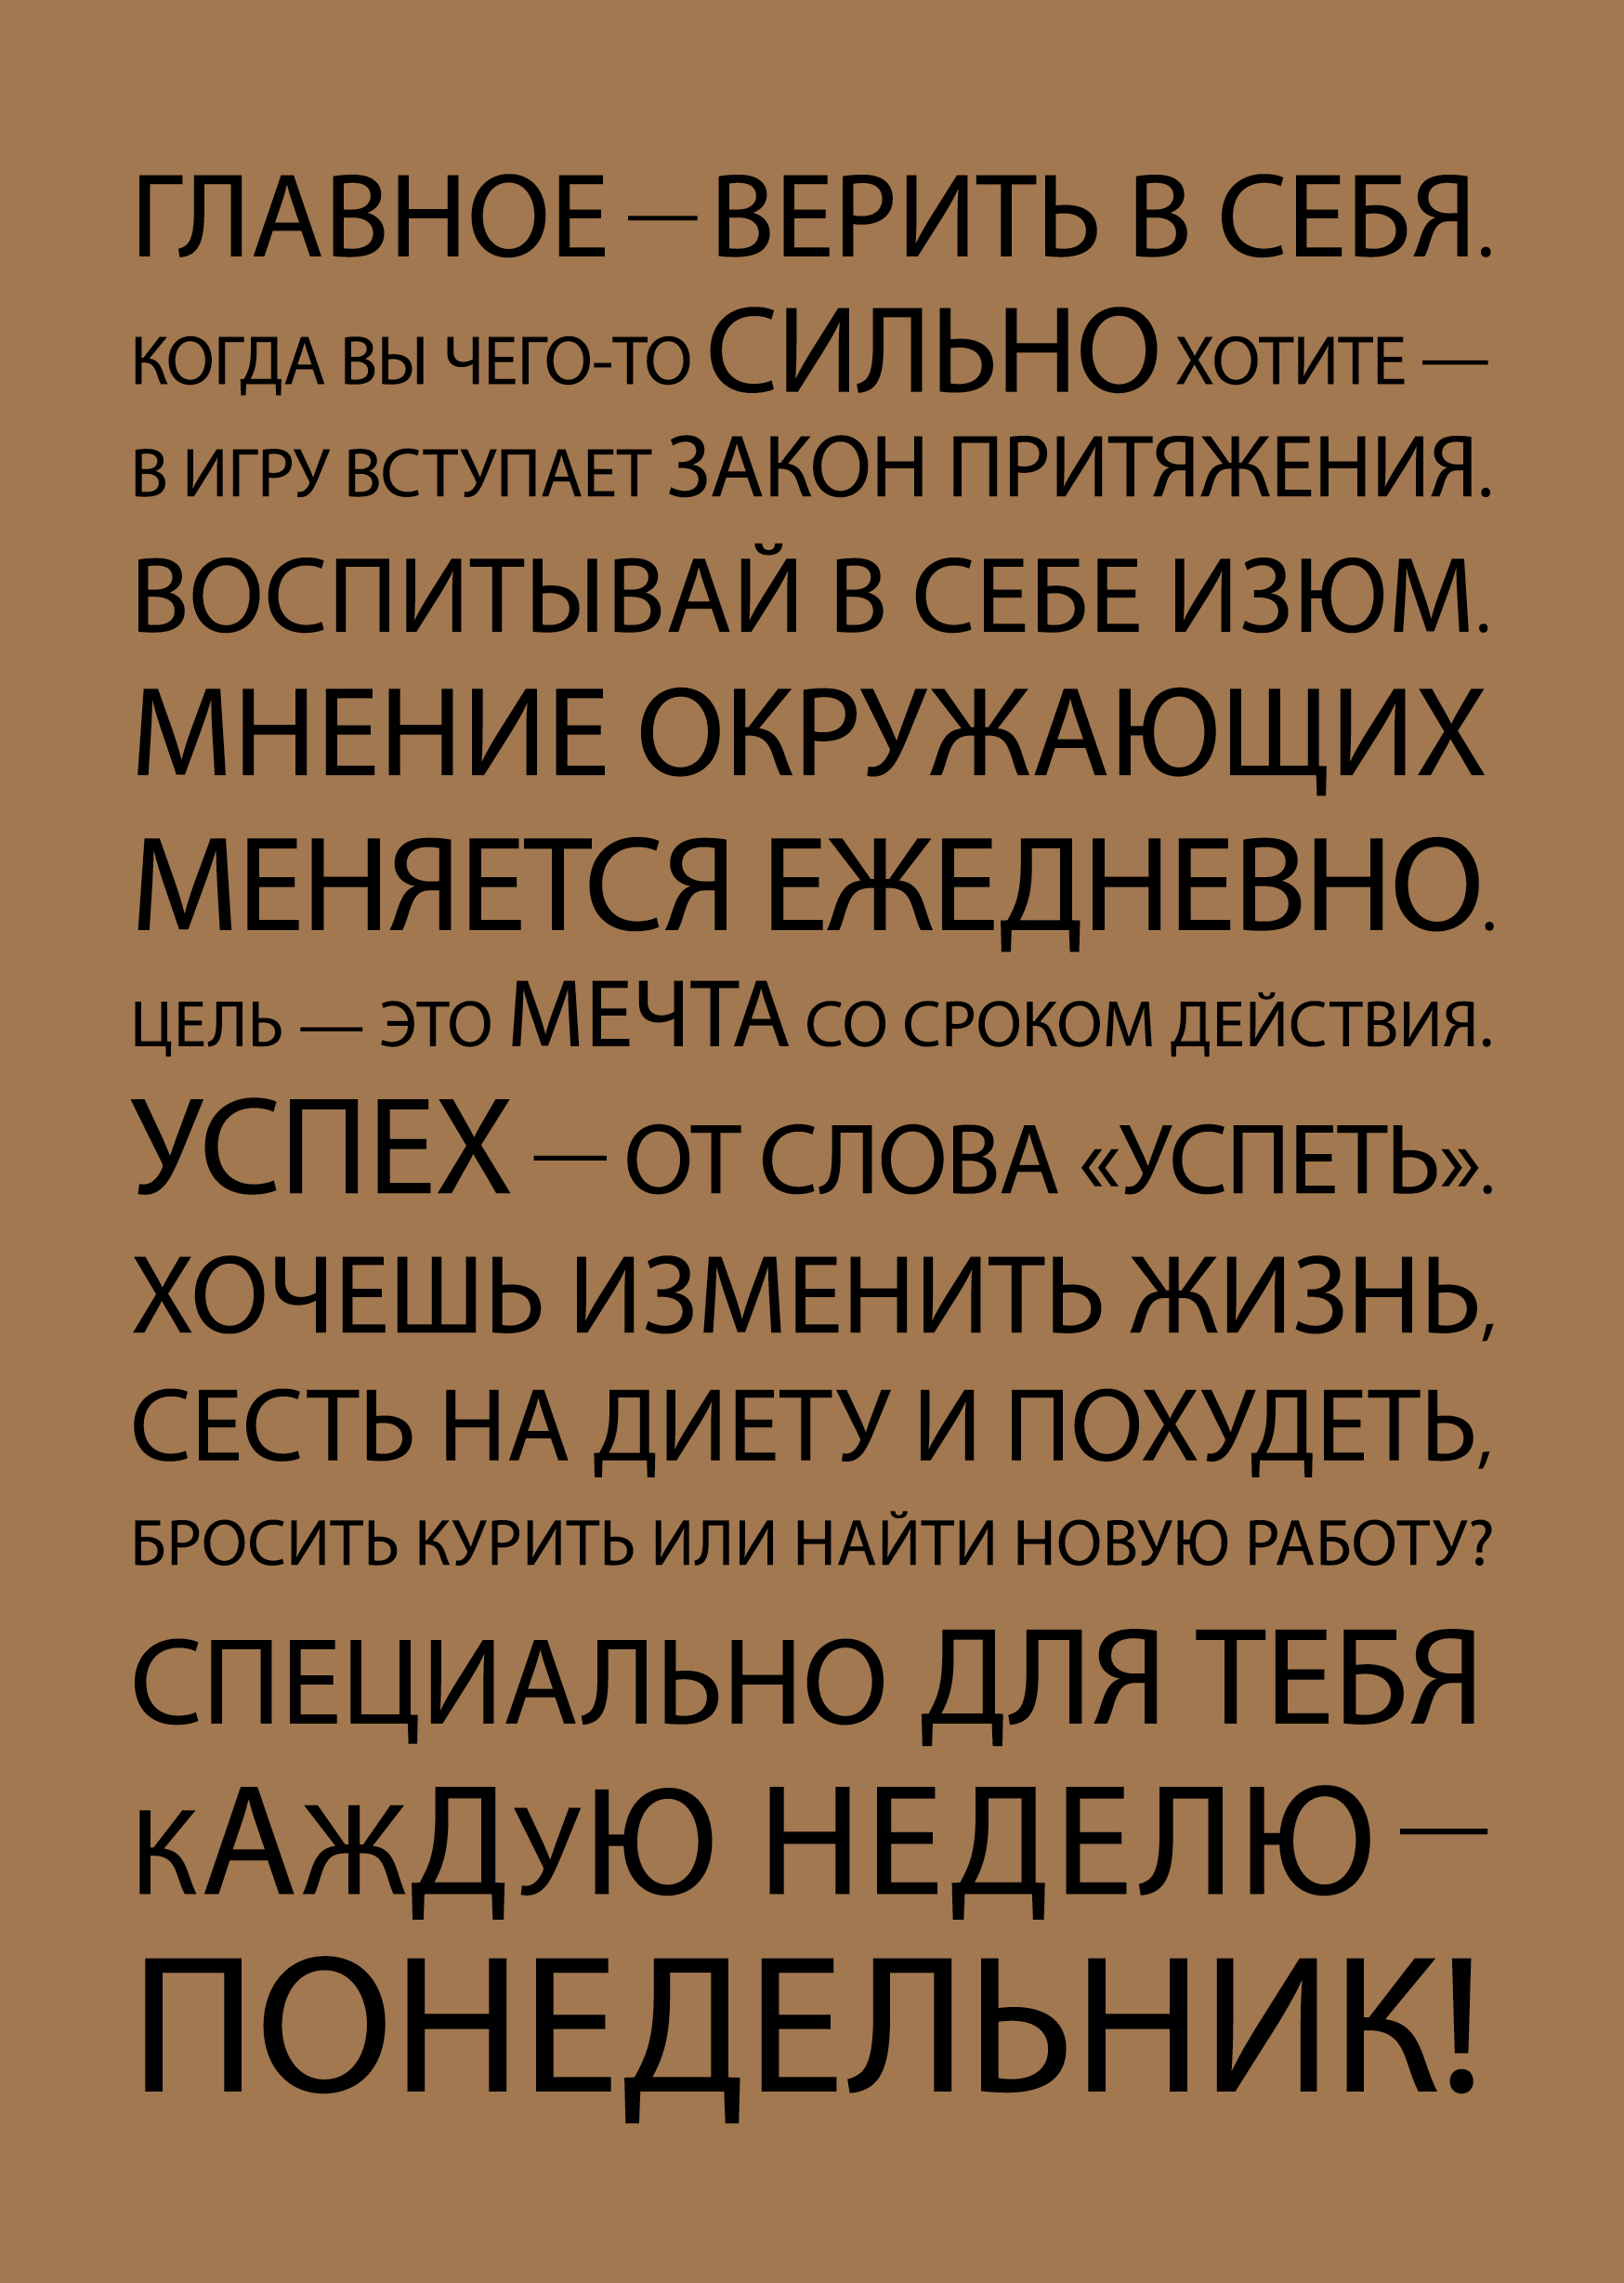 Блокнот. Главное - верить в себя (формат А5, мотивирующие фразы, крафт обложка) от book24.ru